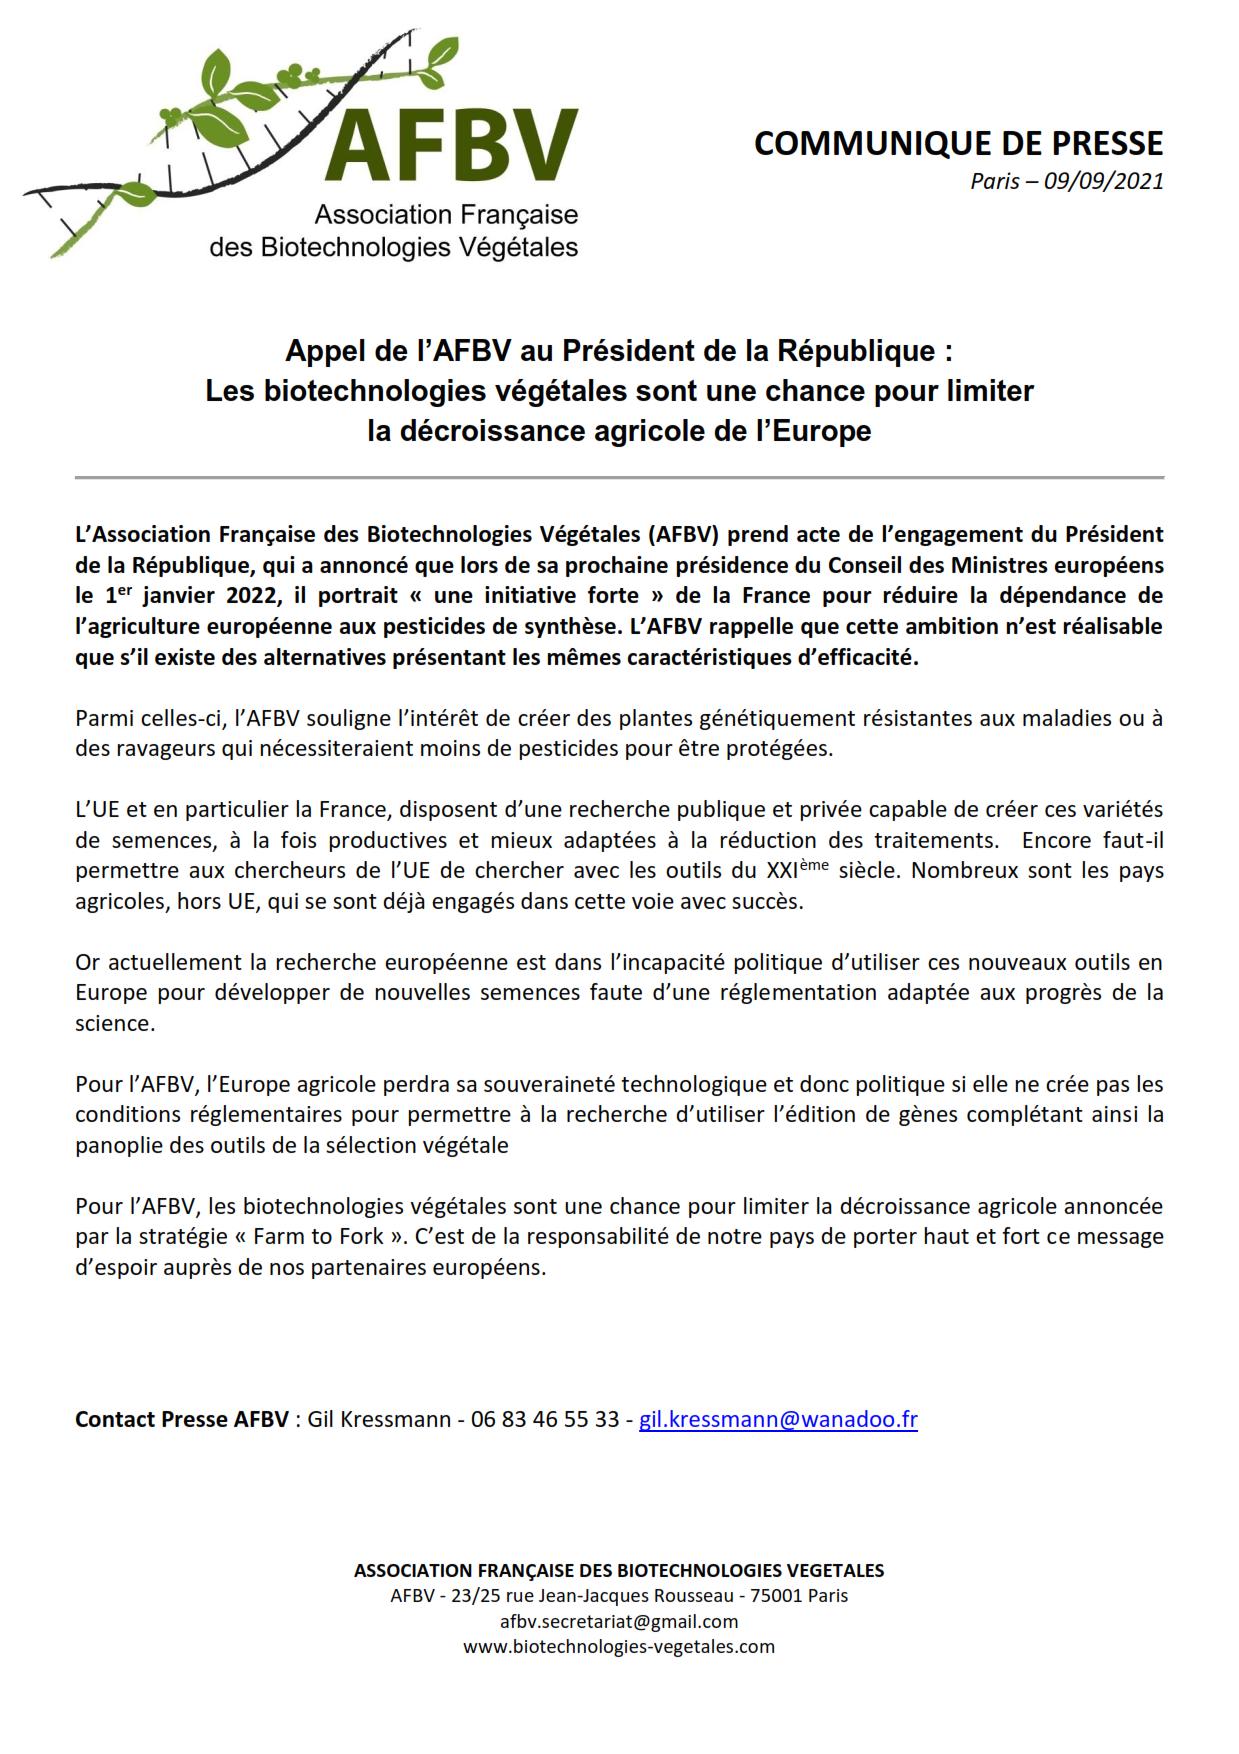 Appel de l'AFBV au Président de la République : les biotechnologies végétales sont une chance pour limiter la décroissance agricole de l'Europe